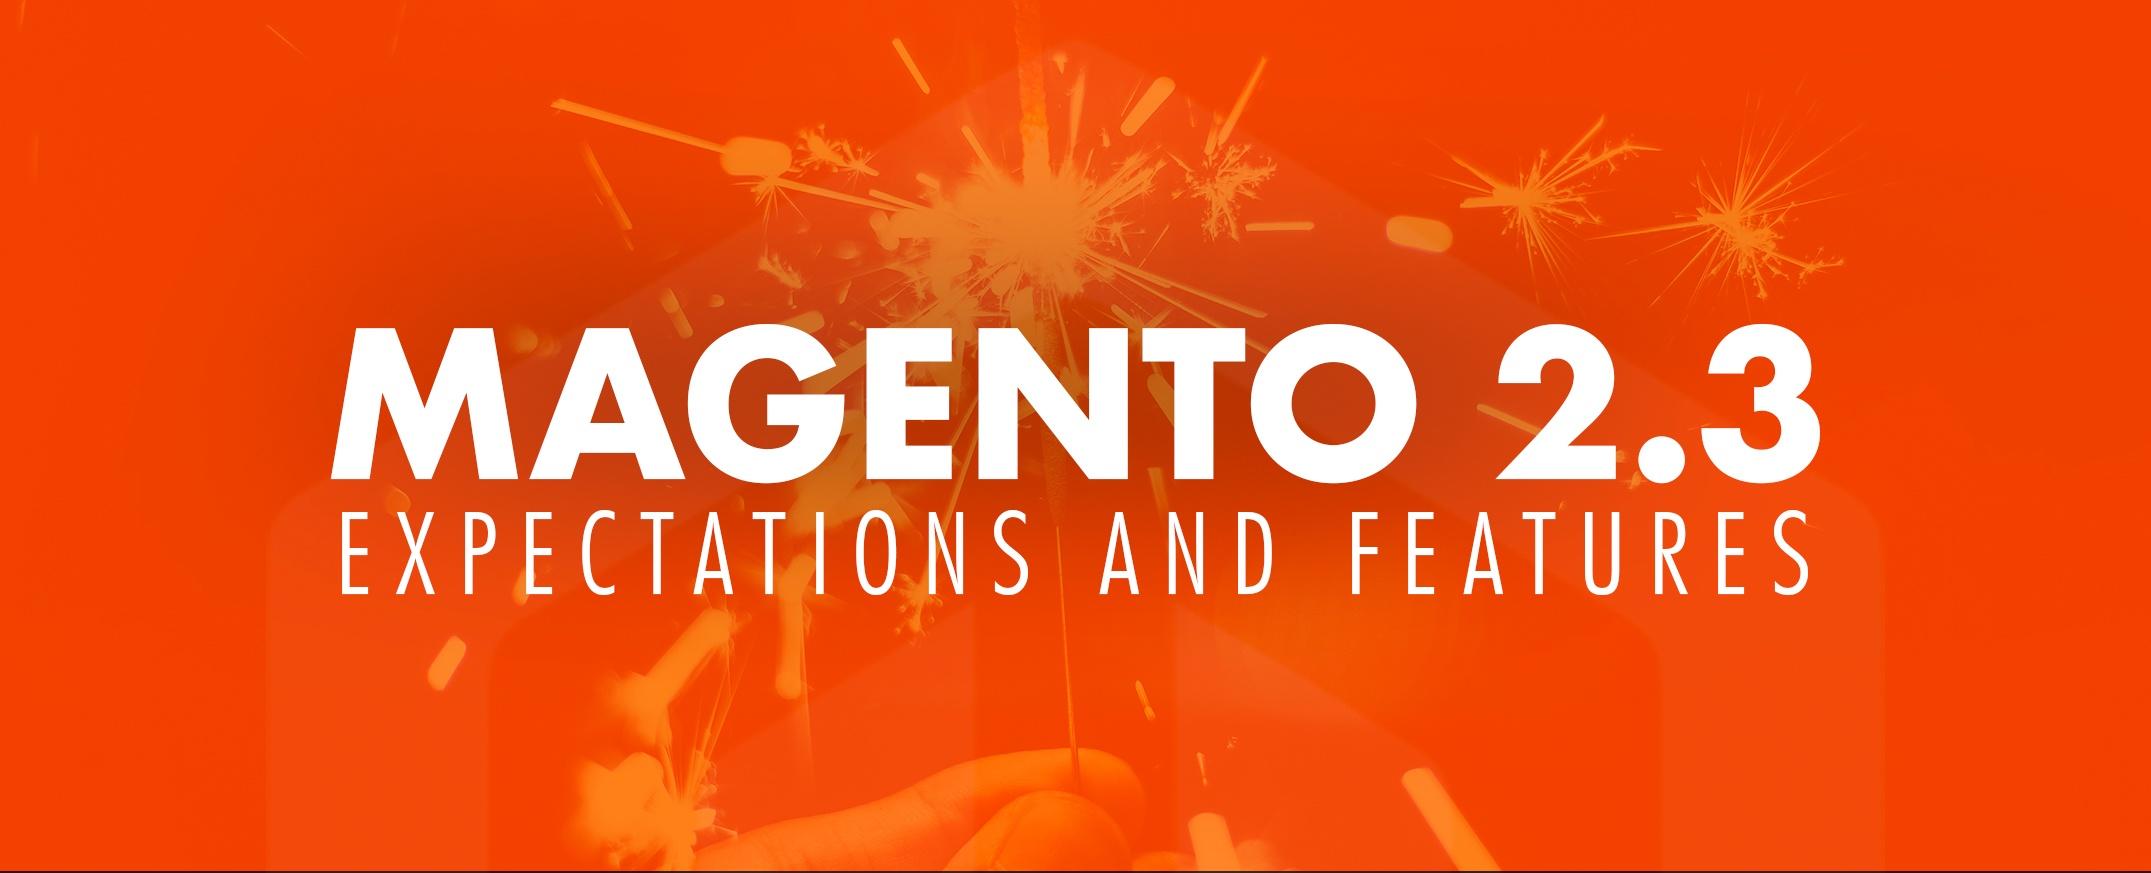 Magento-2.3-Release